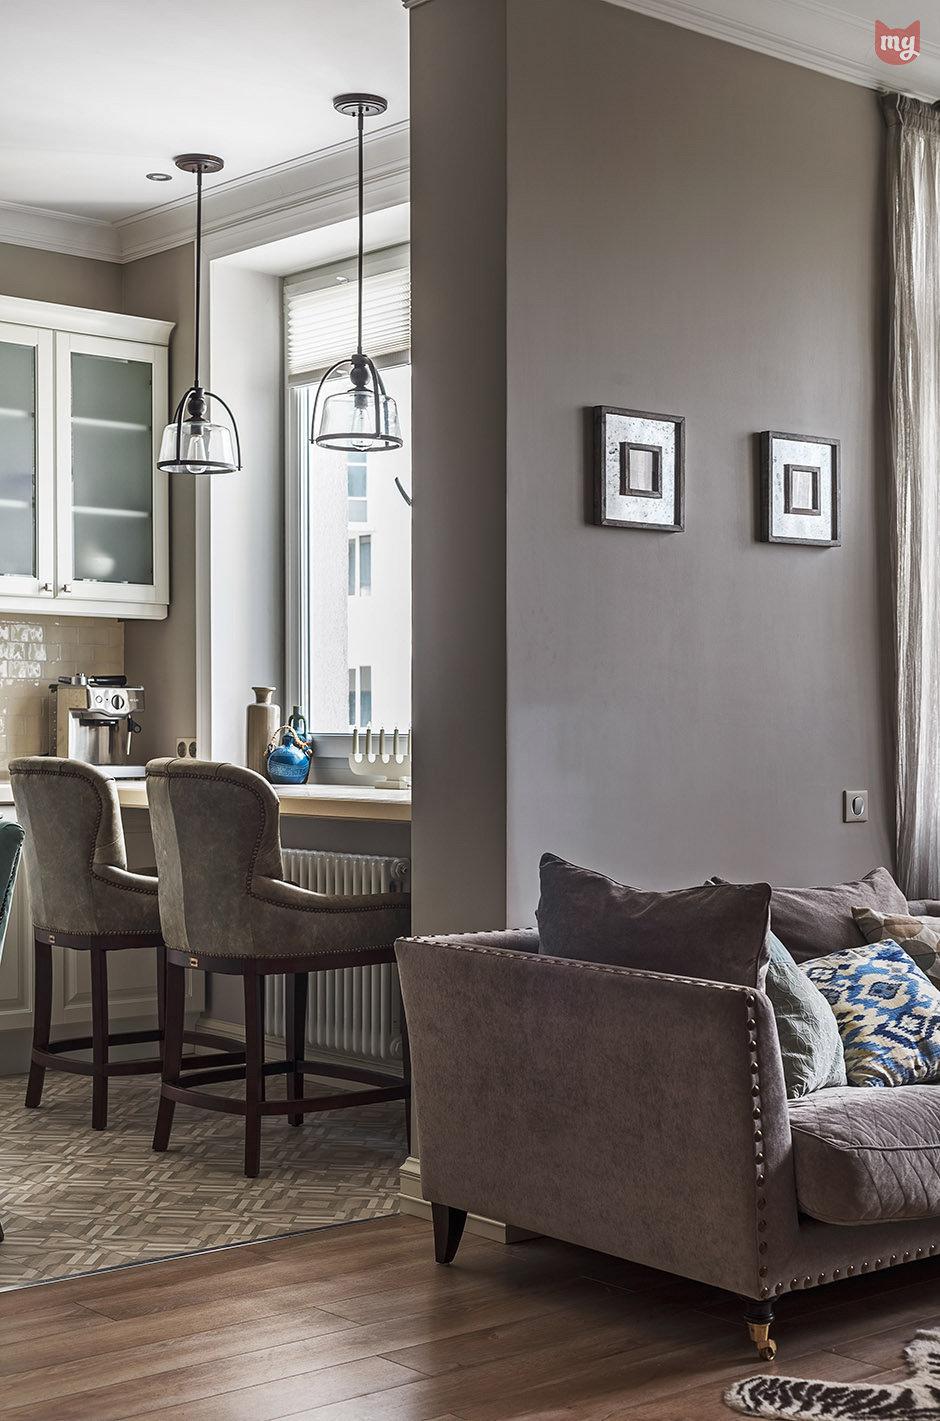 Фотография: Кухня и столовая в стиле Прованс и Кантри, Квартира, Проект недели, Наталья Сорокина – фото на InMyRoom.ru